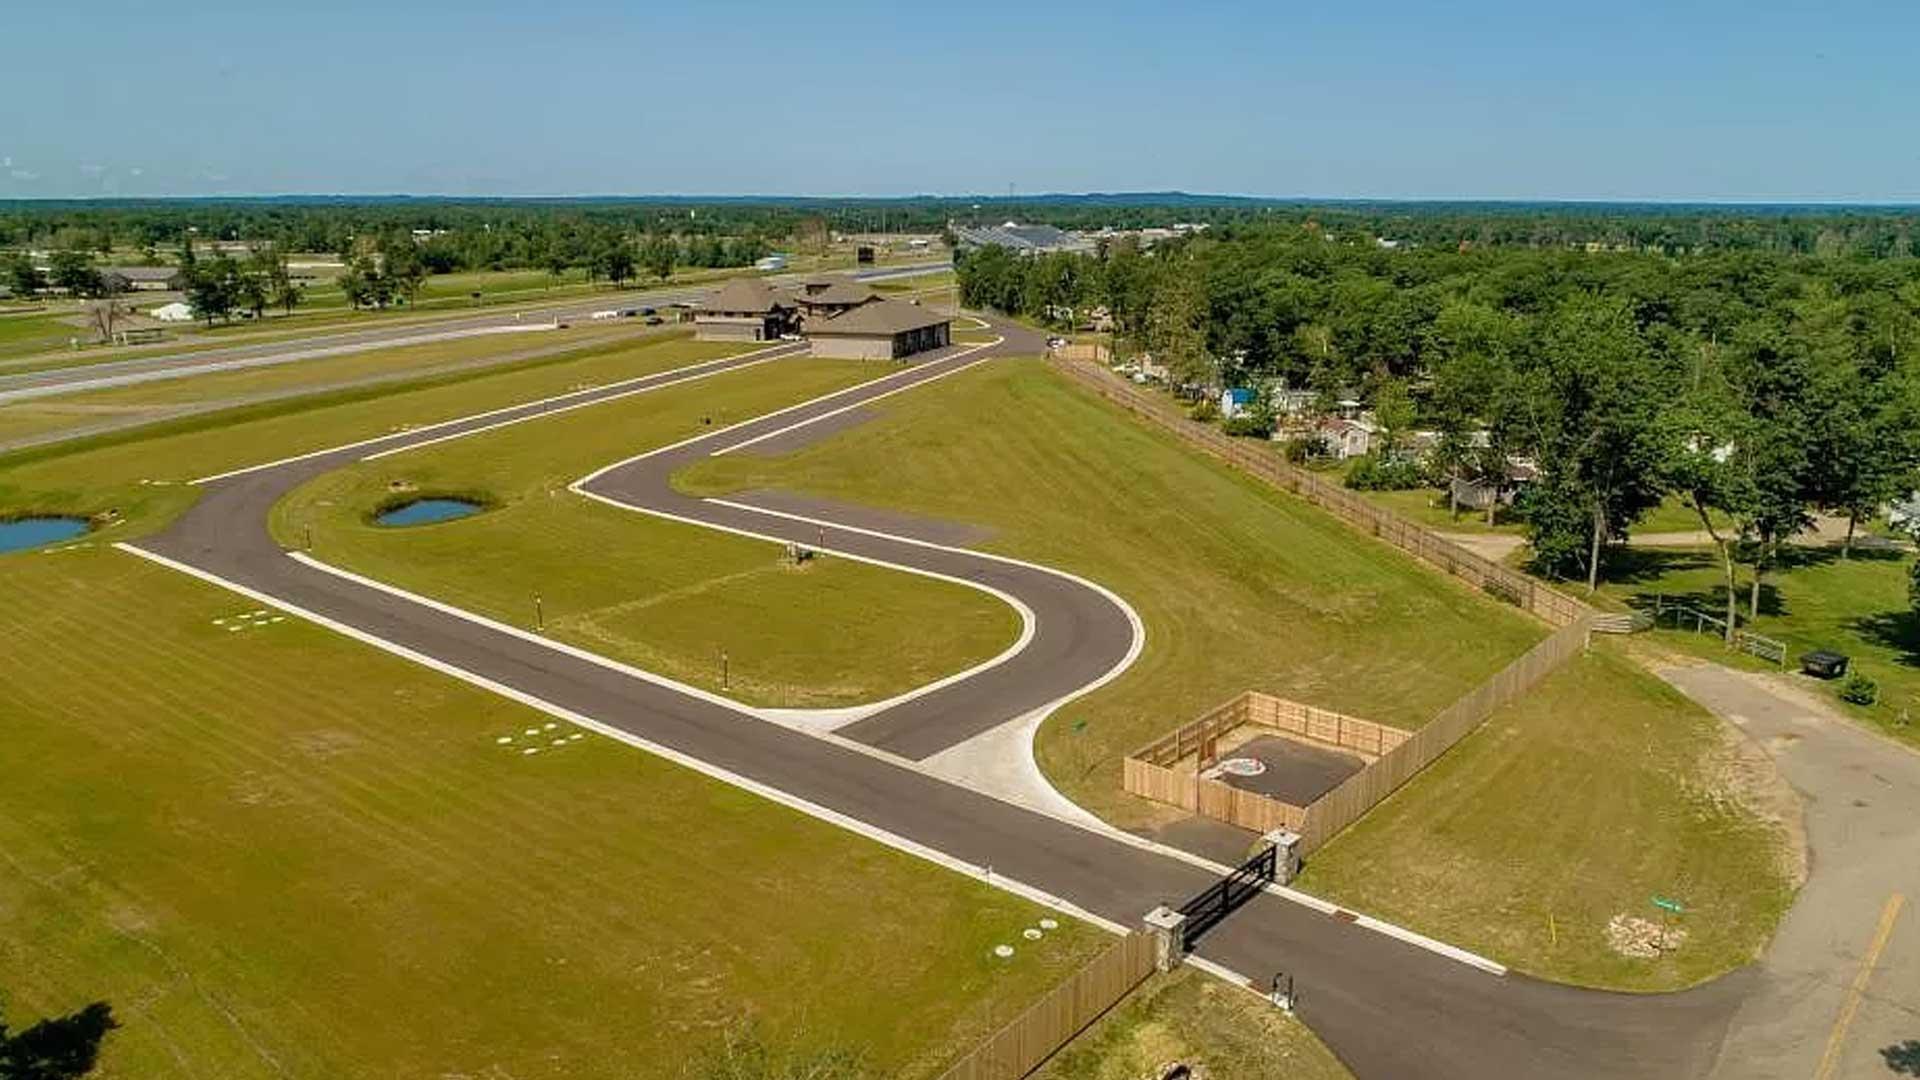 Huis met garage Brainerd Raceway